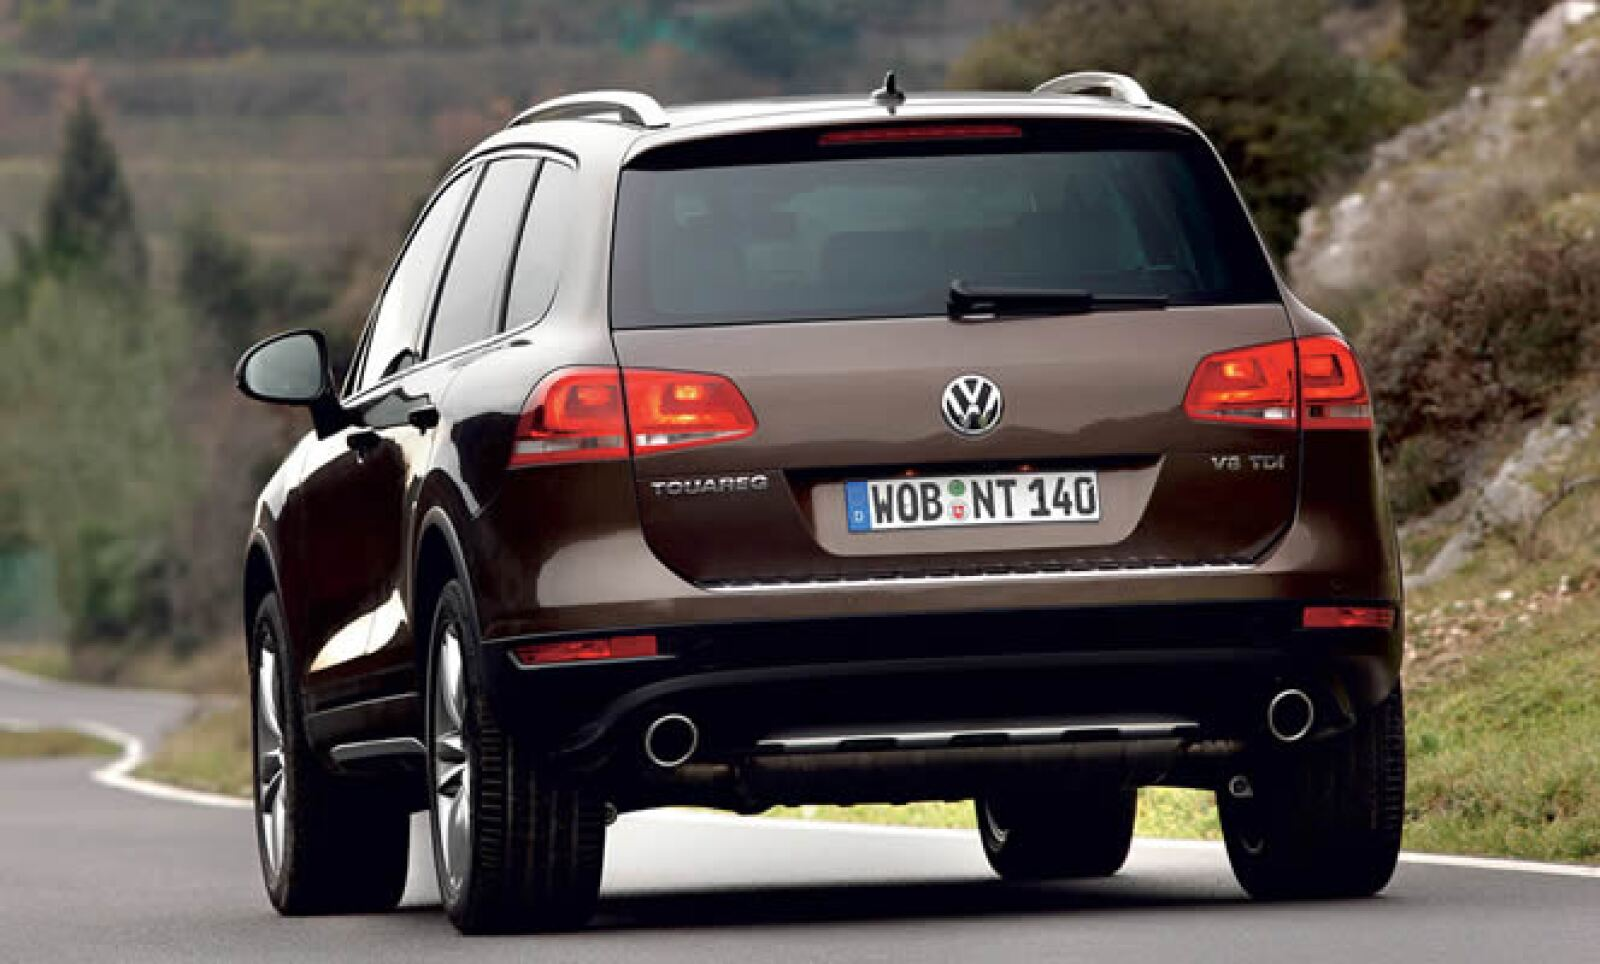 Estará disponible en color negro, gris, azul, blanco, plata o marrón y con interiores en negro, beige o marrón.